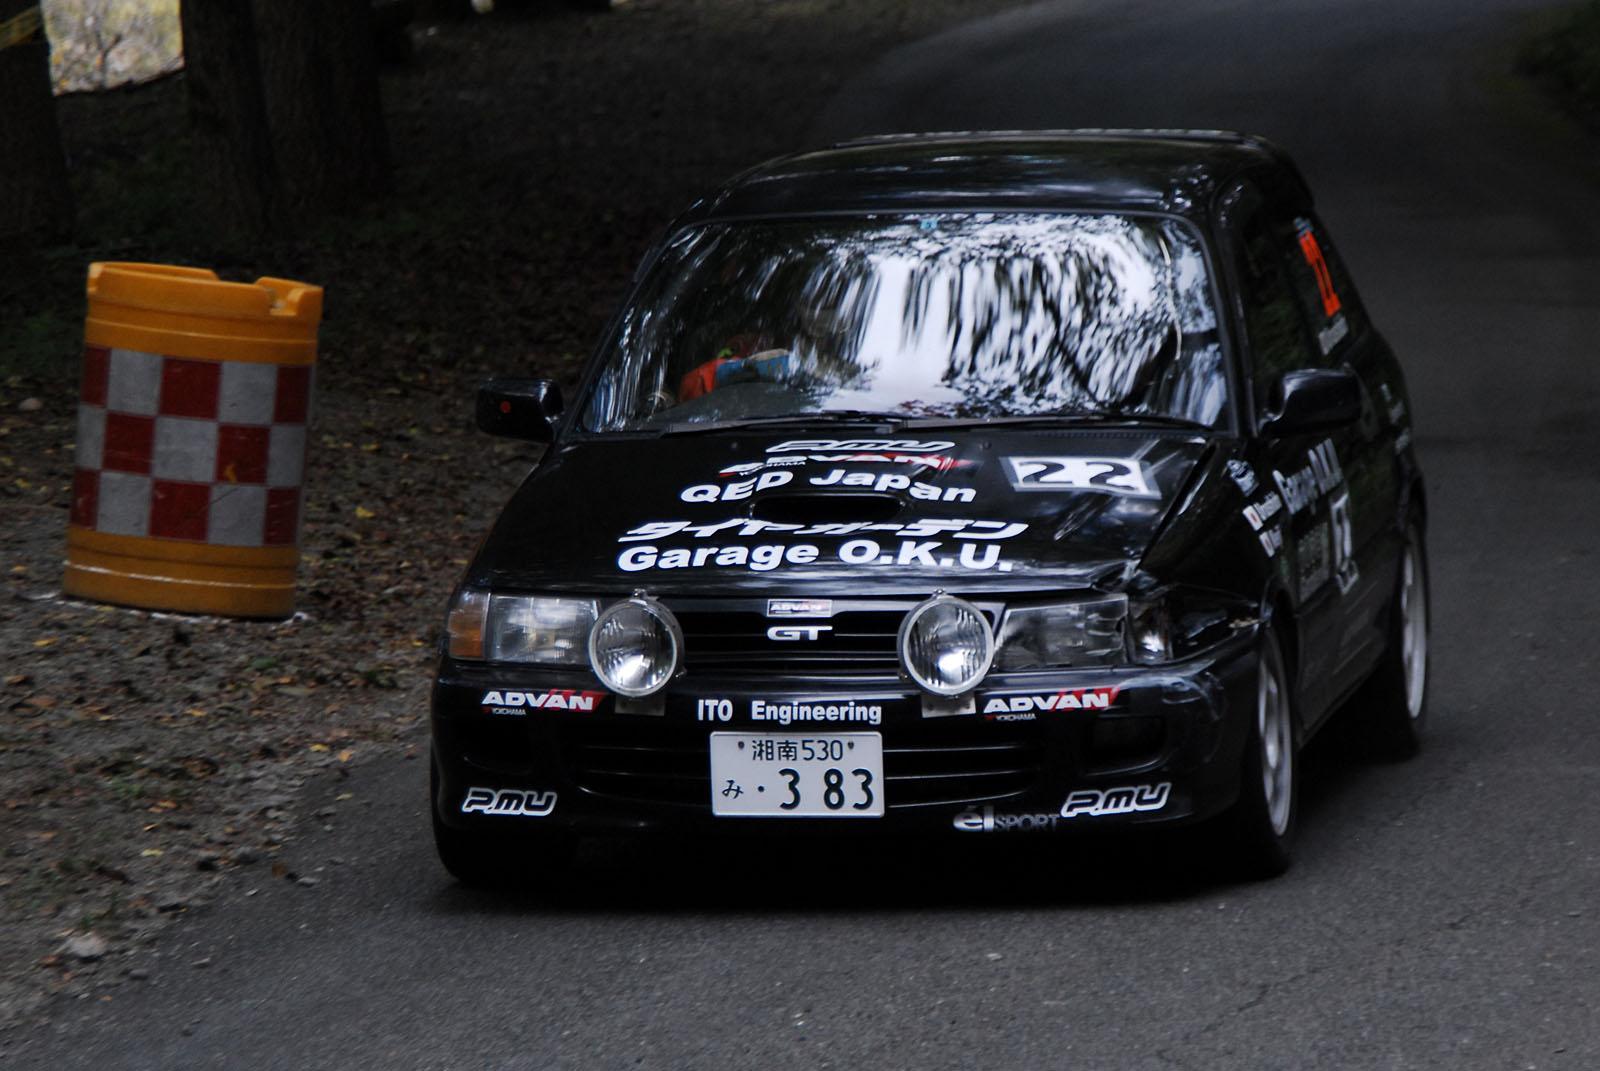 Toyota Starlet GT Turbo, mały samochód, pocket rocket, szybki, mała rakieta, 1.3, FWD, japoński hatchback, usportowiony, kultowy